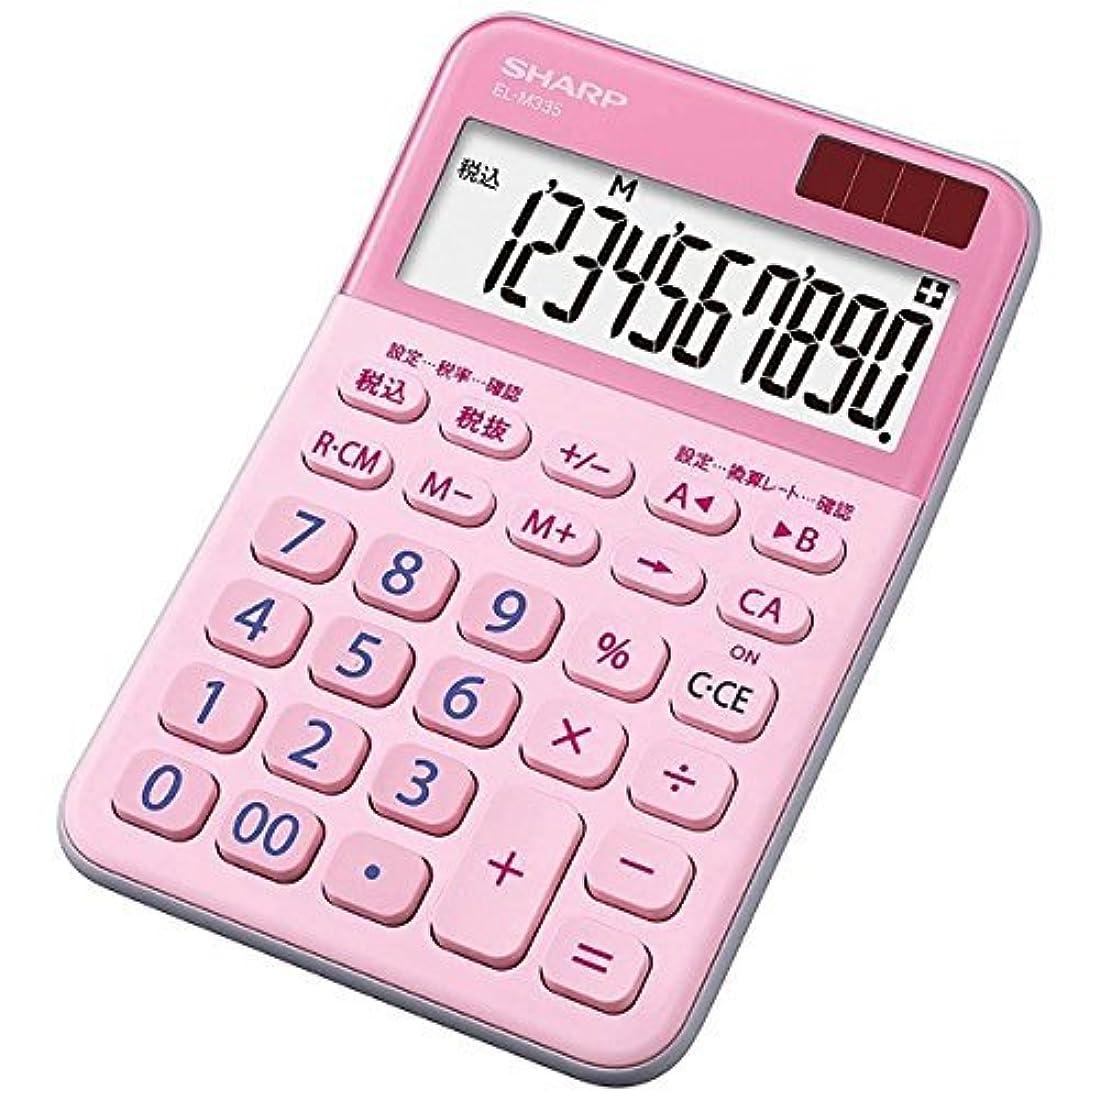 牧師カタログ兄シャープ ミニナイスサイズ電卓 ピンク系 EL-M335-PX 【まとめ買い3台セット】